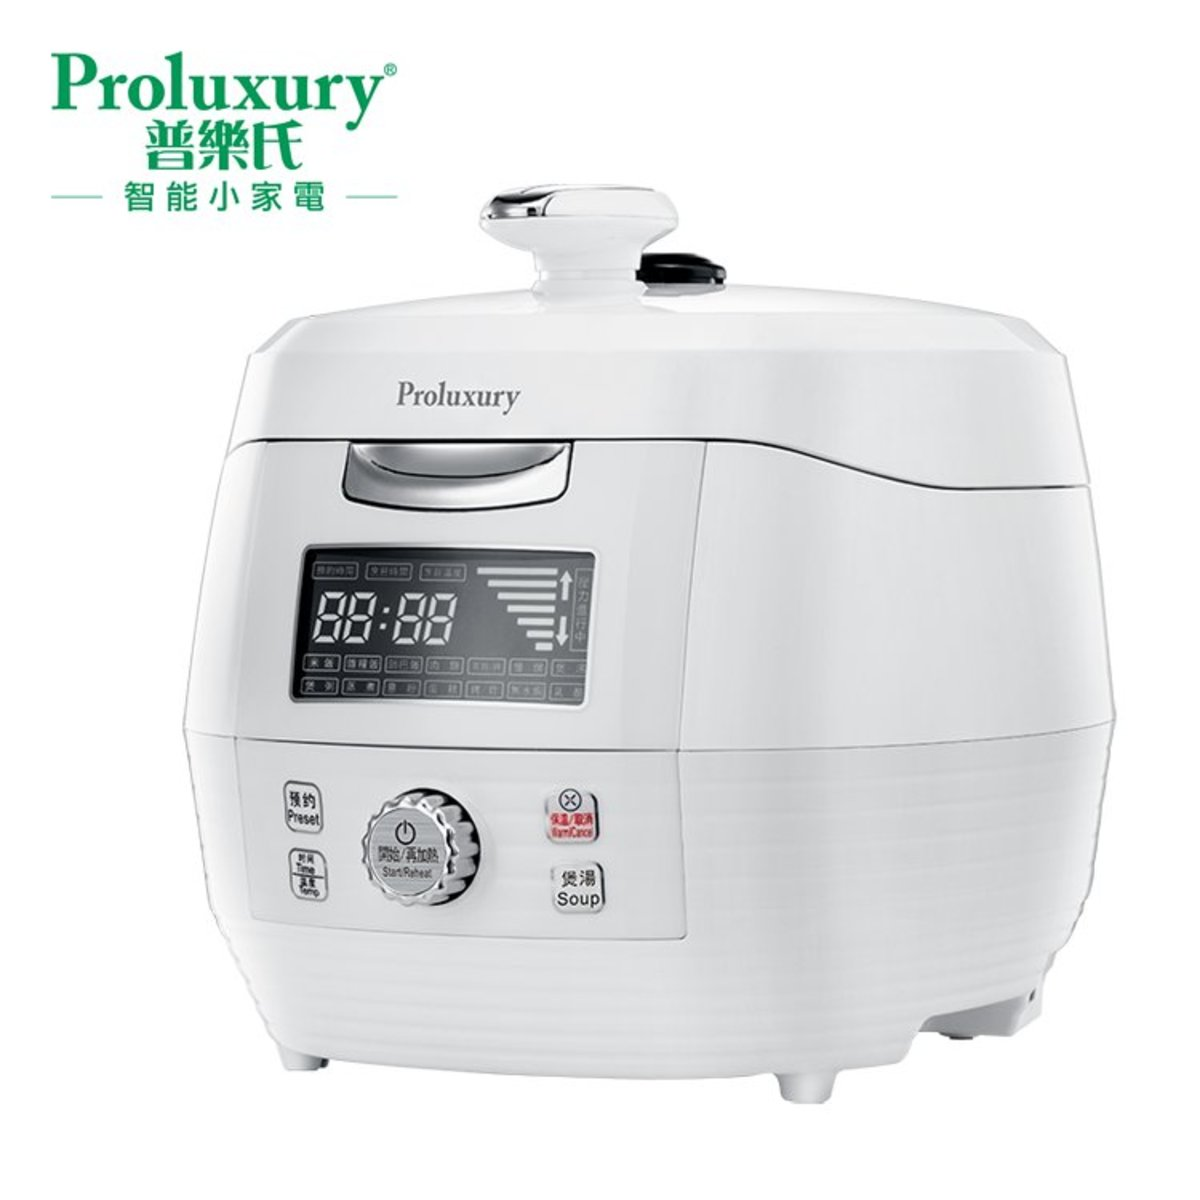 氣壓多功能煮食煲 (PPC004050)